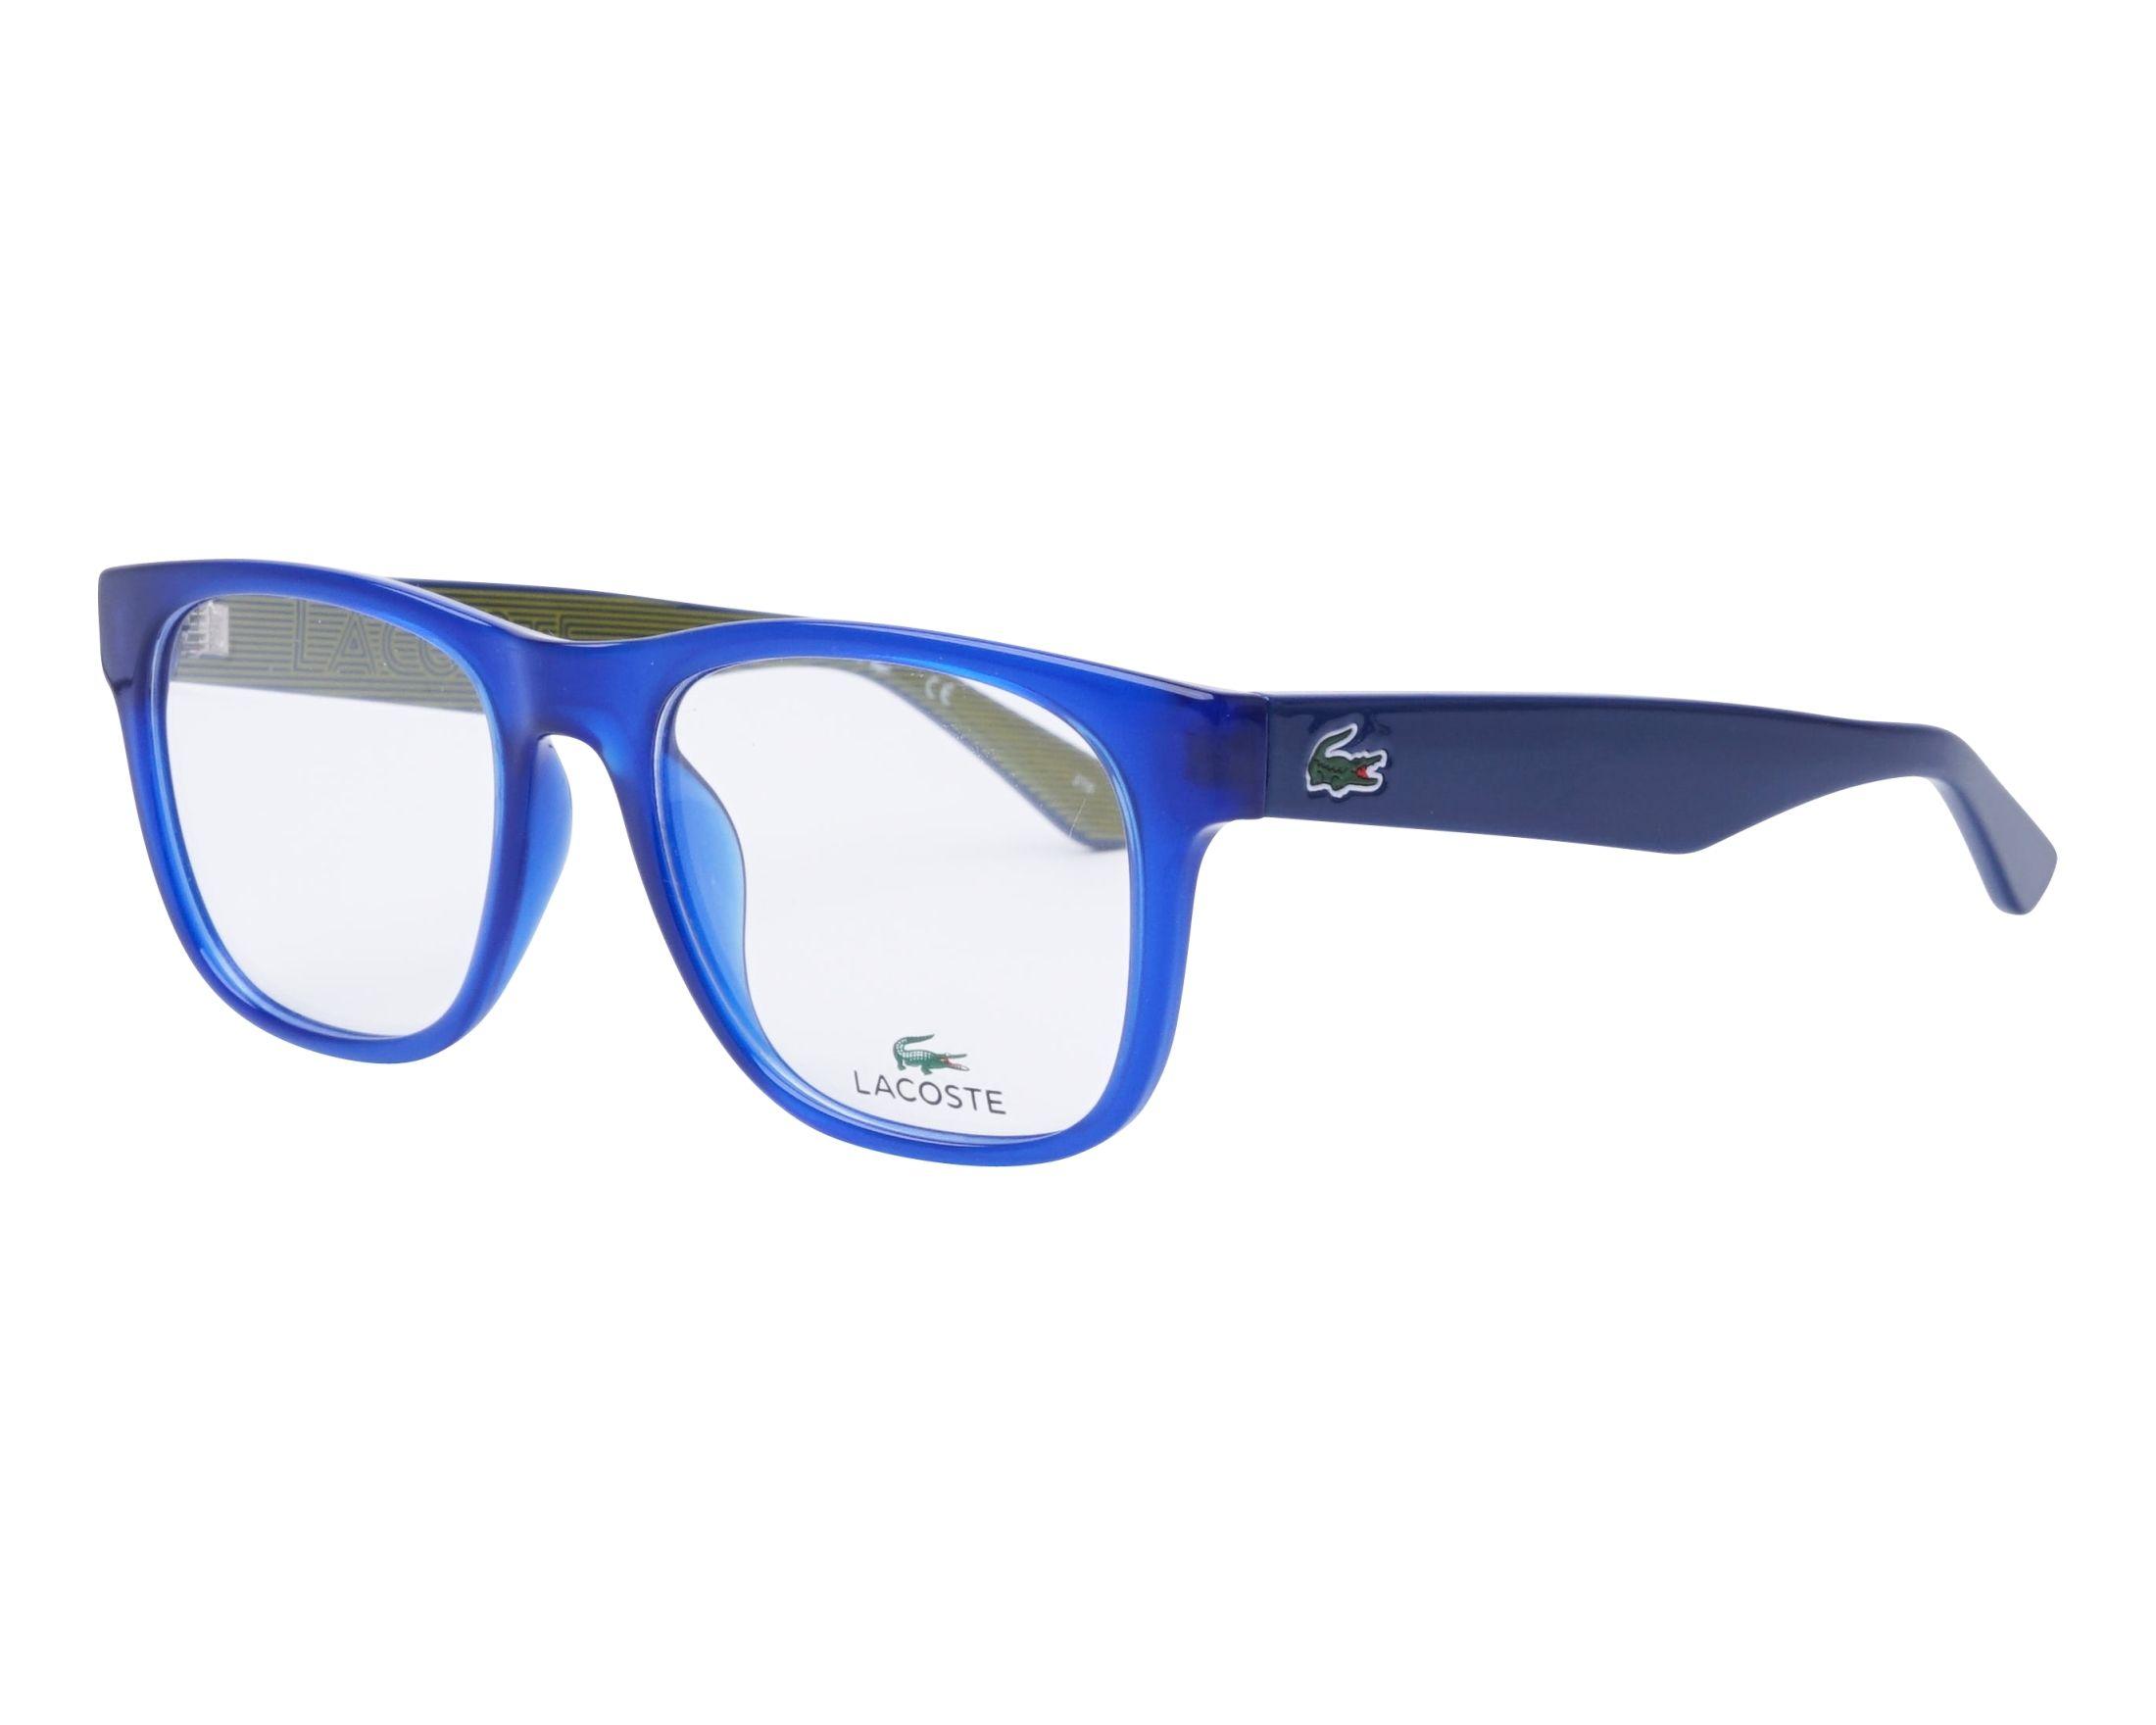 738d2a8fc0 Lunettes de vue Lacoste L-2771 424 53-18 Bleu Bleu vue de profil